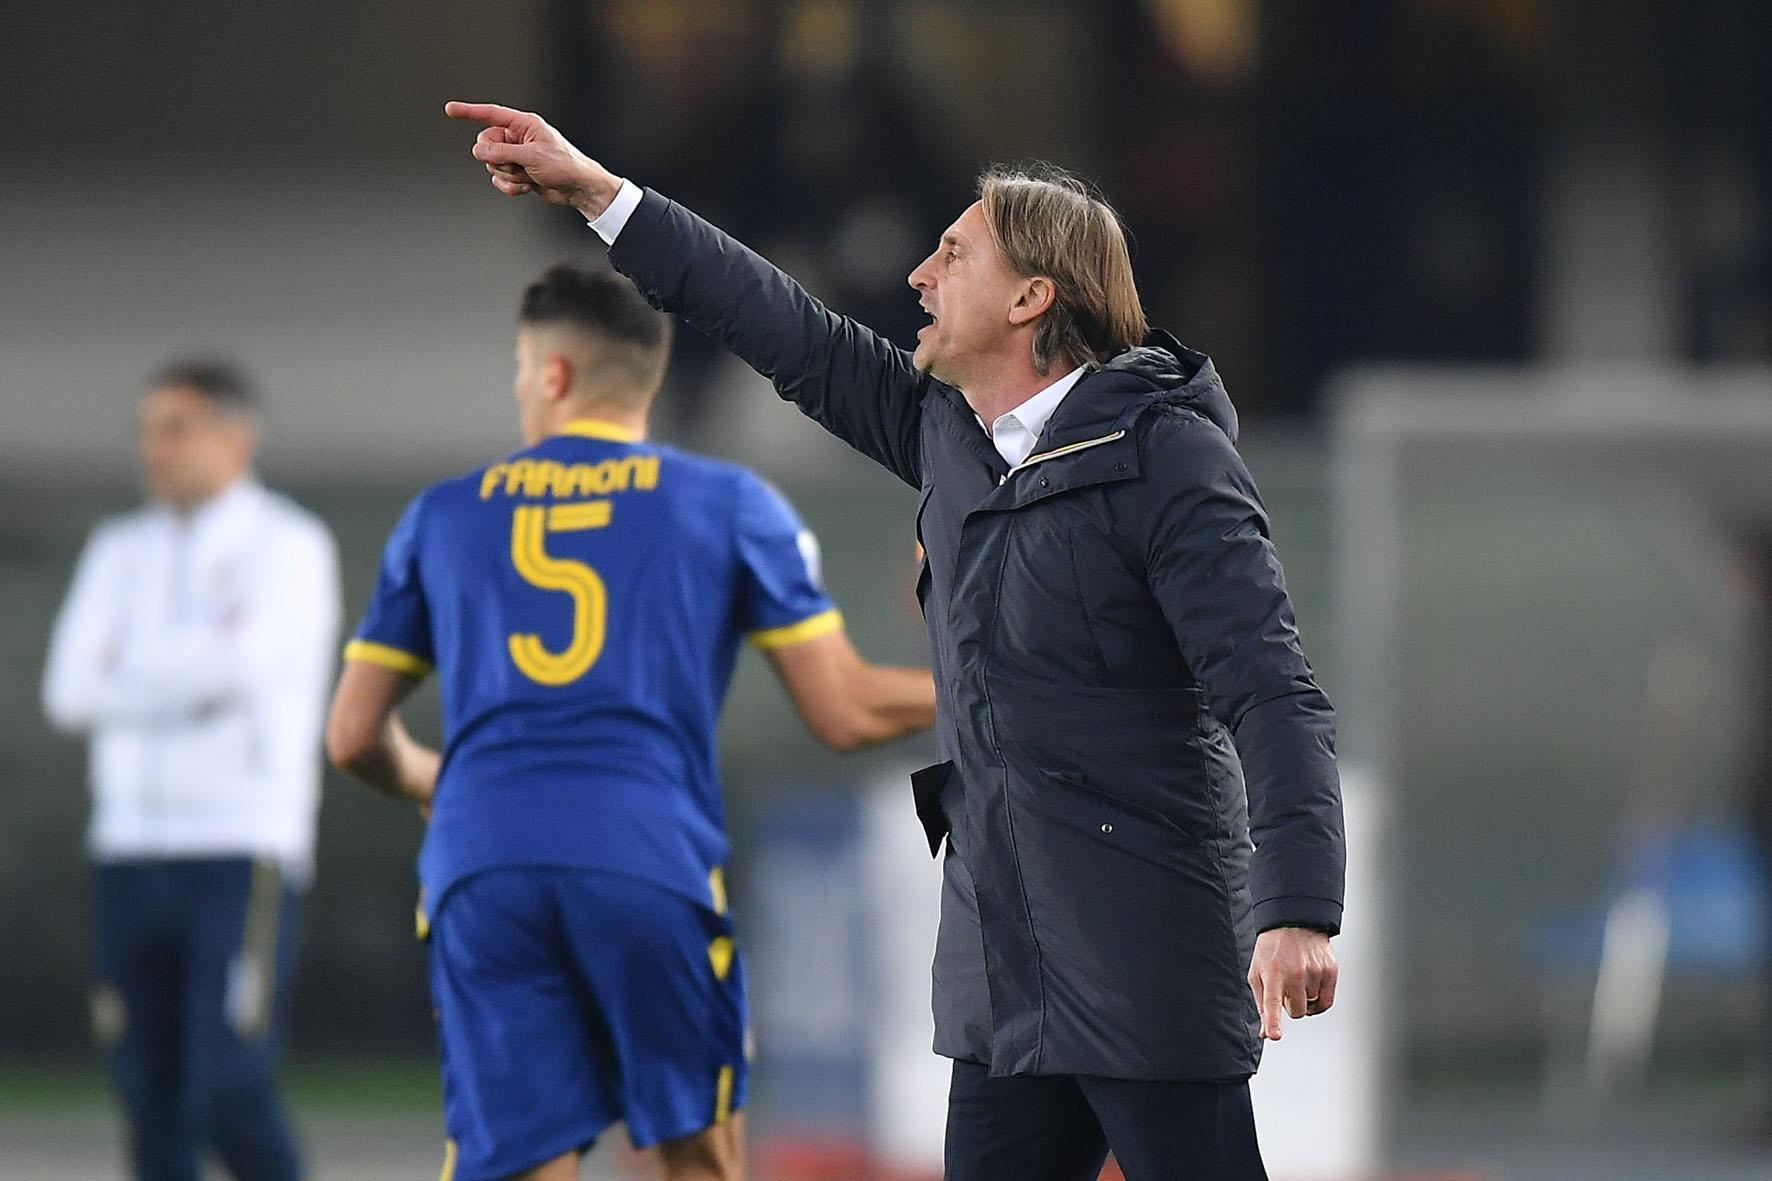 Niente Inter, Spinazzola sbotta: